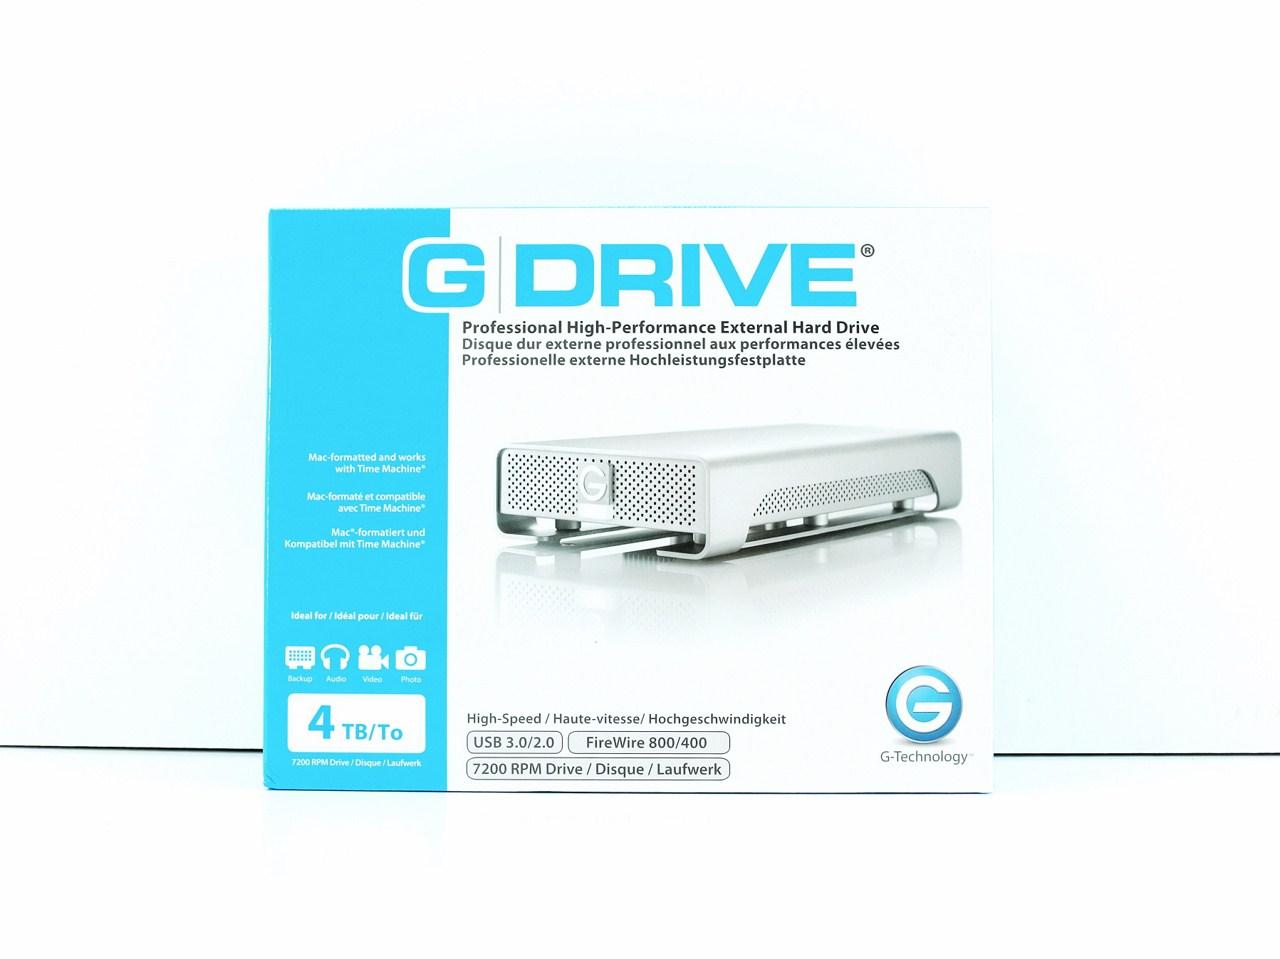 100gb external hard disk price in bangalore dating 5